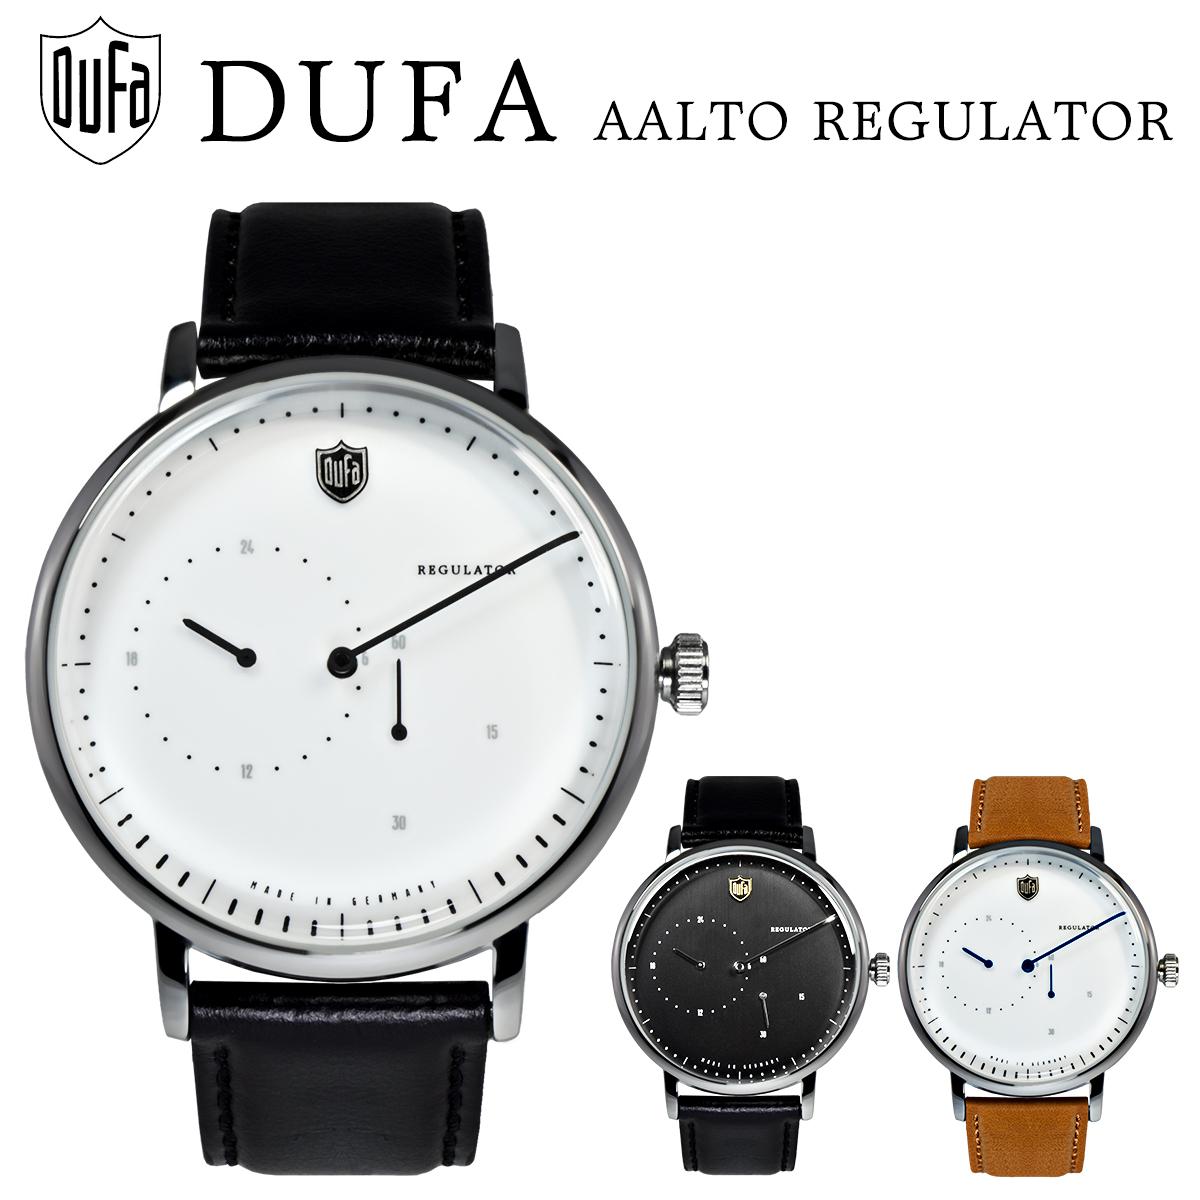 【全品送料無料】 DUFA ドゥッファ AALTO REGULATOR アールト レギュレーター 自動巻き オートマチック DF-9017-01 DF-9017-03 DF-9017-05 時計 腕時計 メンズ レディース 男性 女性 ホワイト ブラック